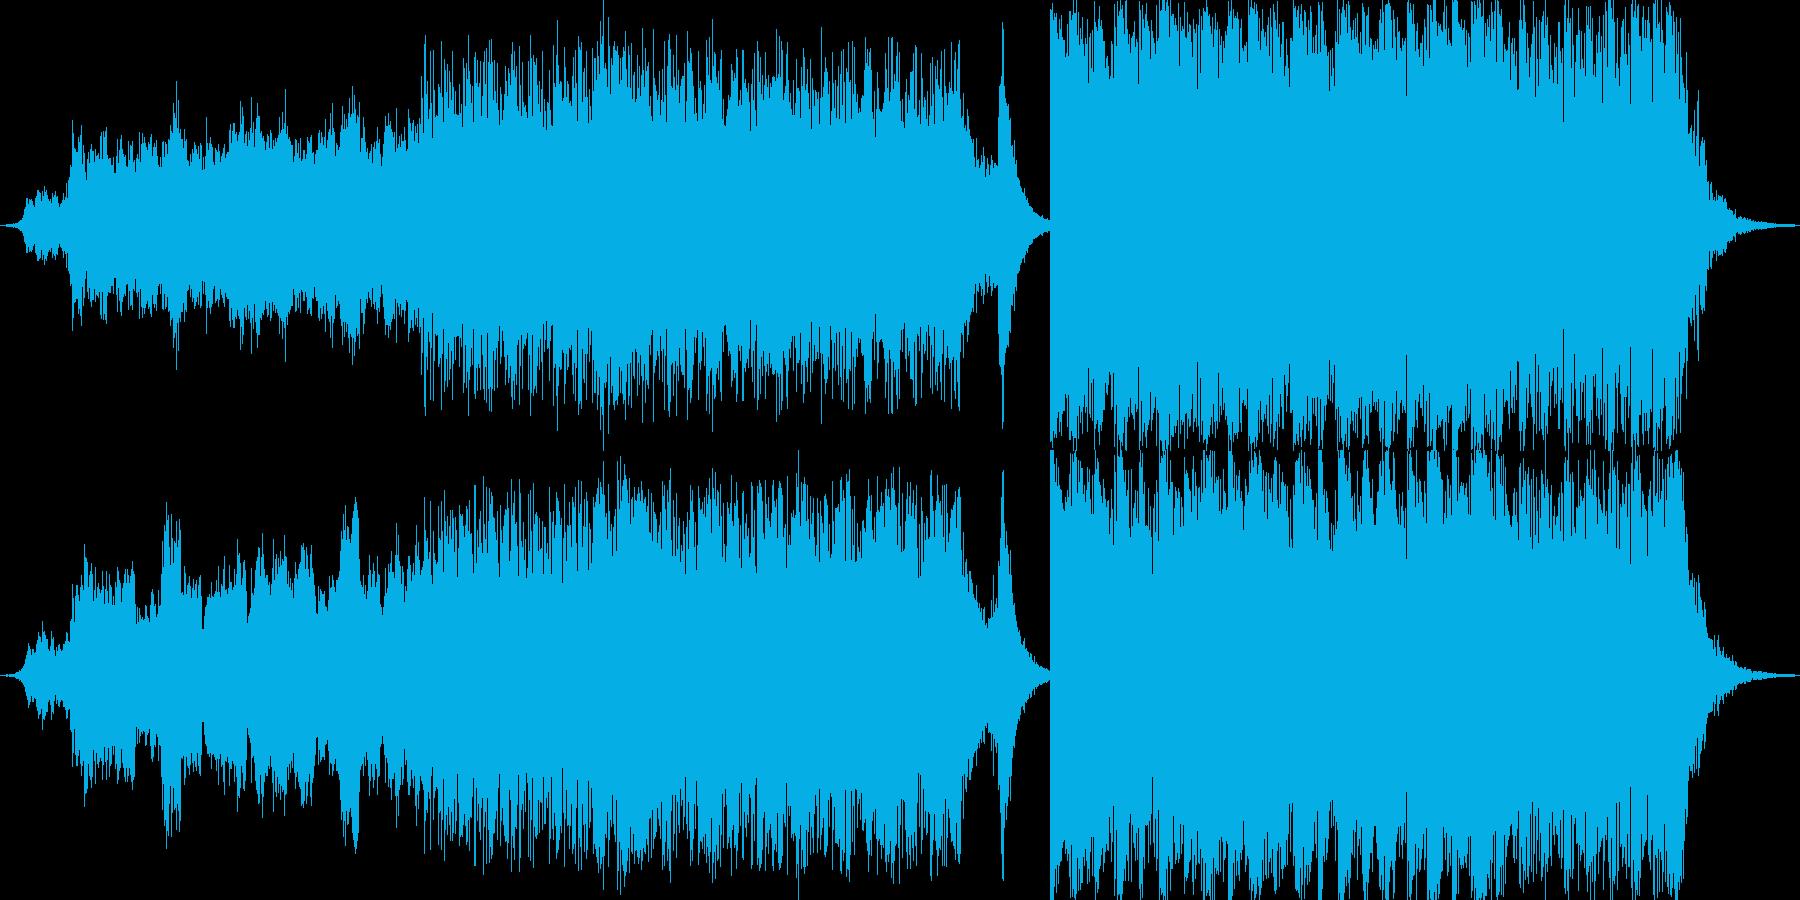 悲壮感あふれるミドルテンポの楽曲の再生済みの波形